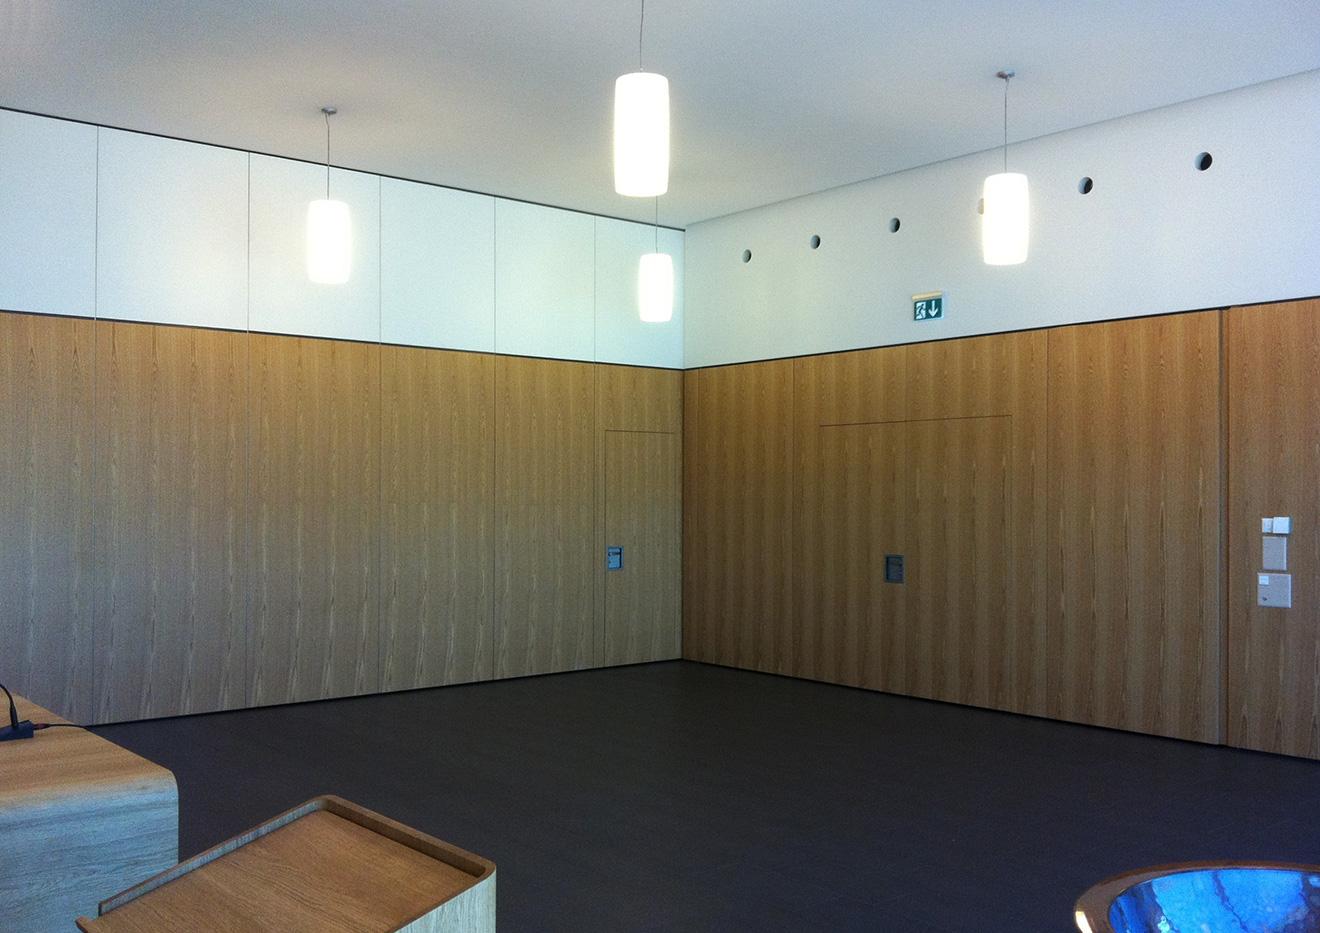 Gunzwil Kirchgemeindehaus Foyer-Saalwand innen